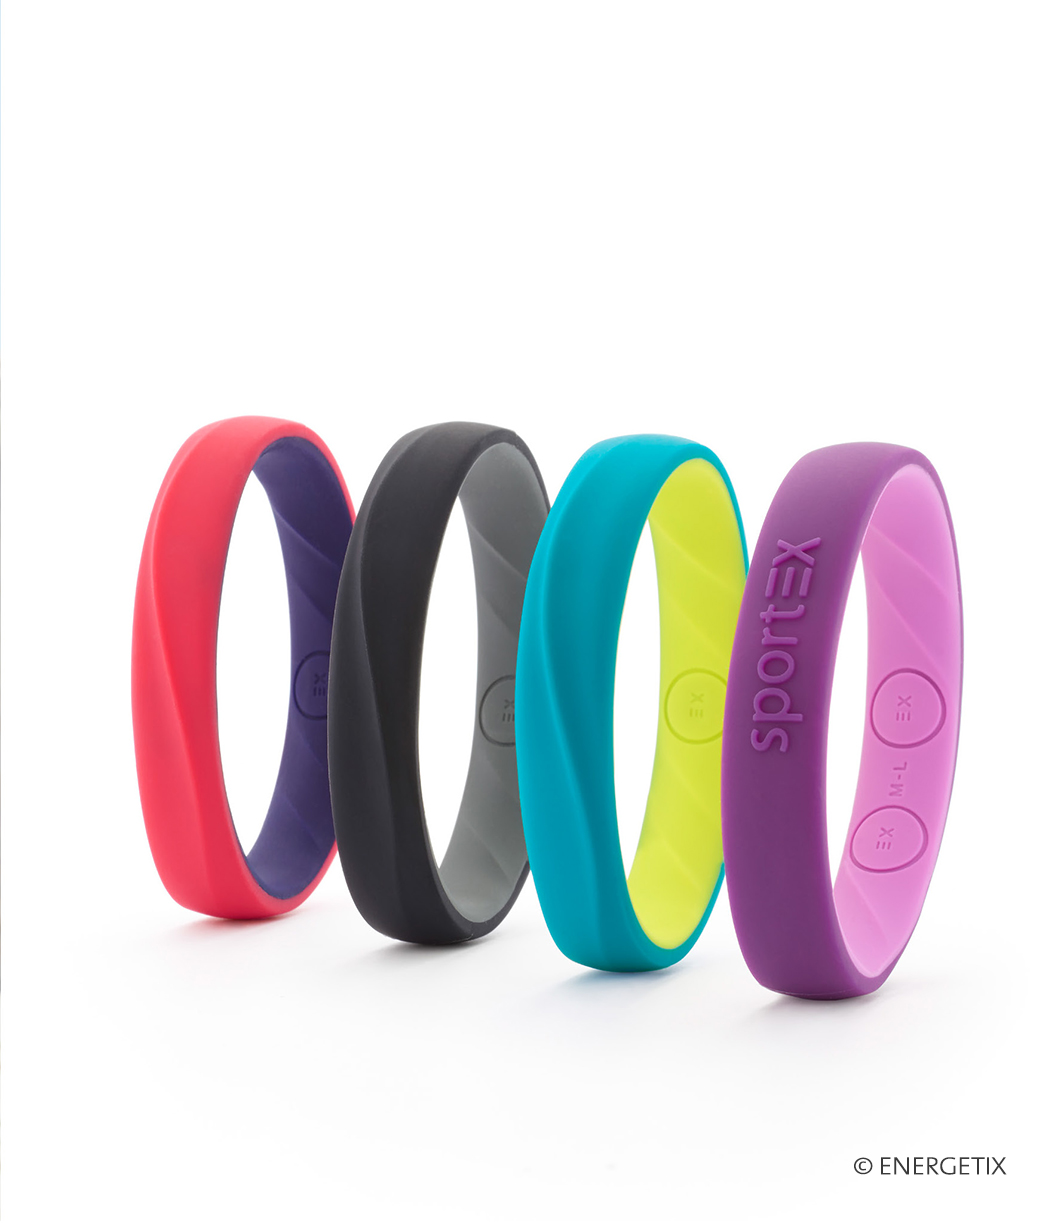 bijoux-energetix-bracelets